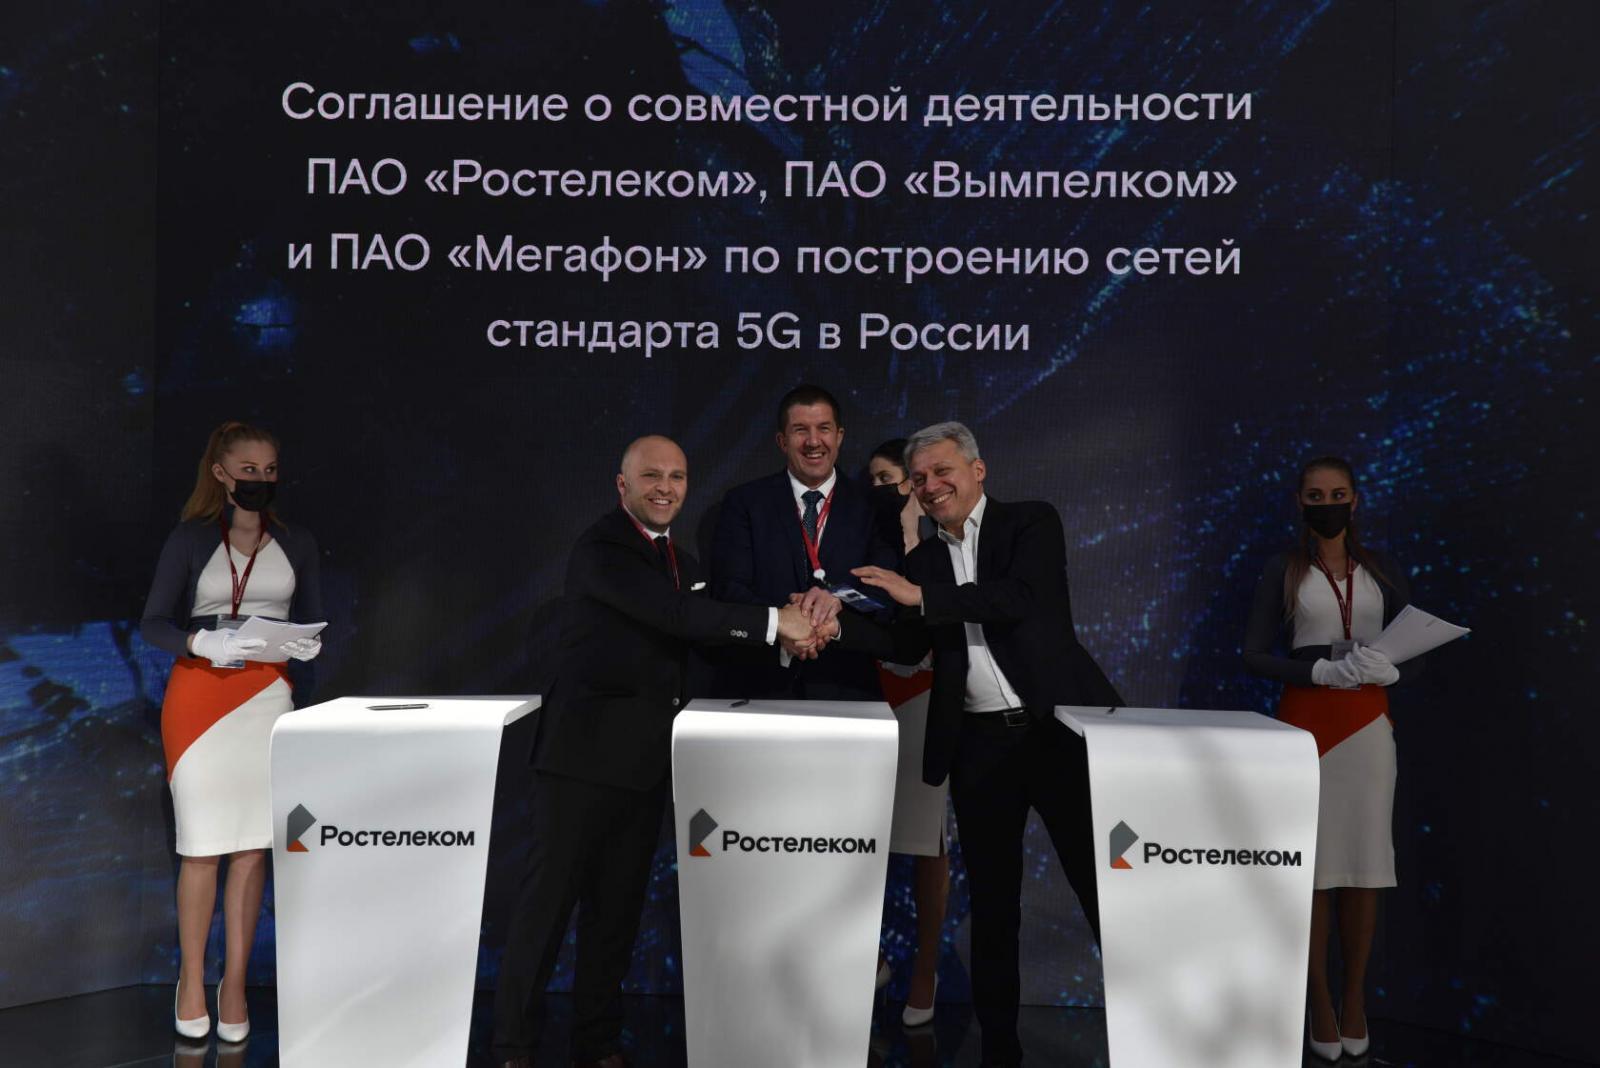 «МегаФон» участвует в создании сетей мобильной связи 5G в России